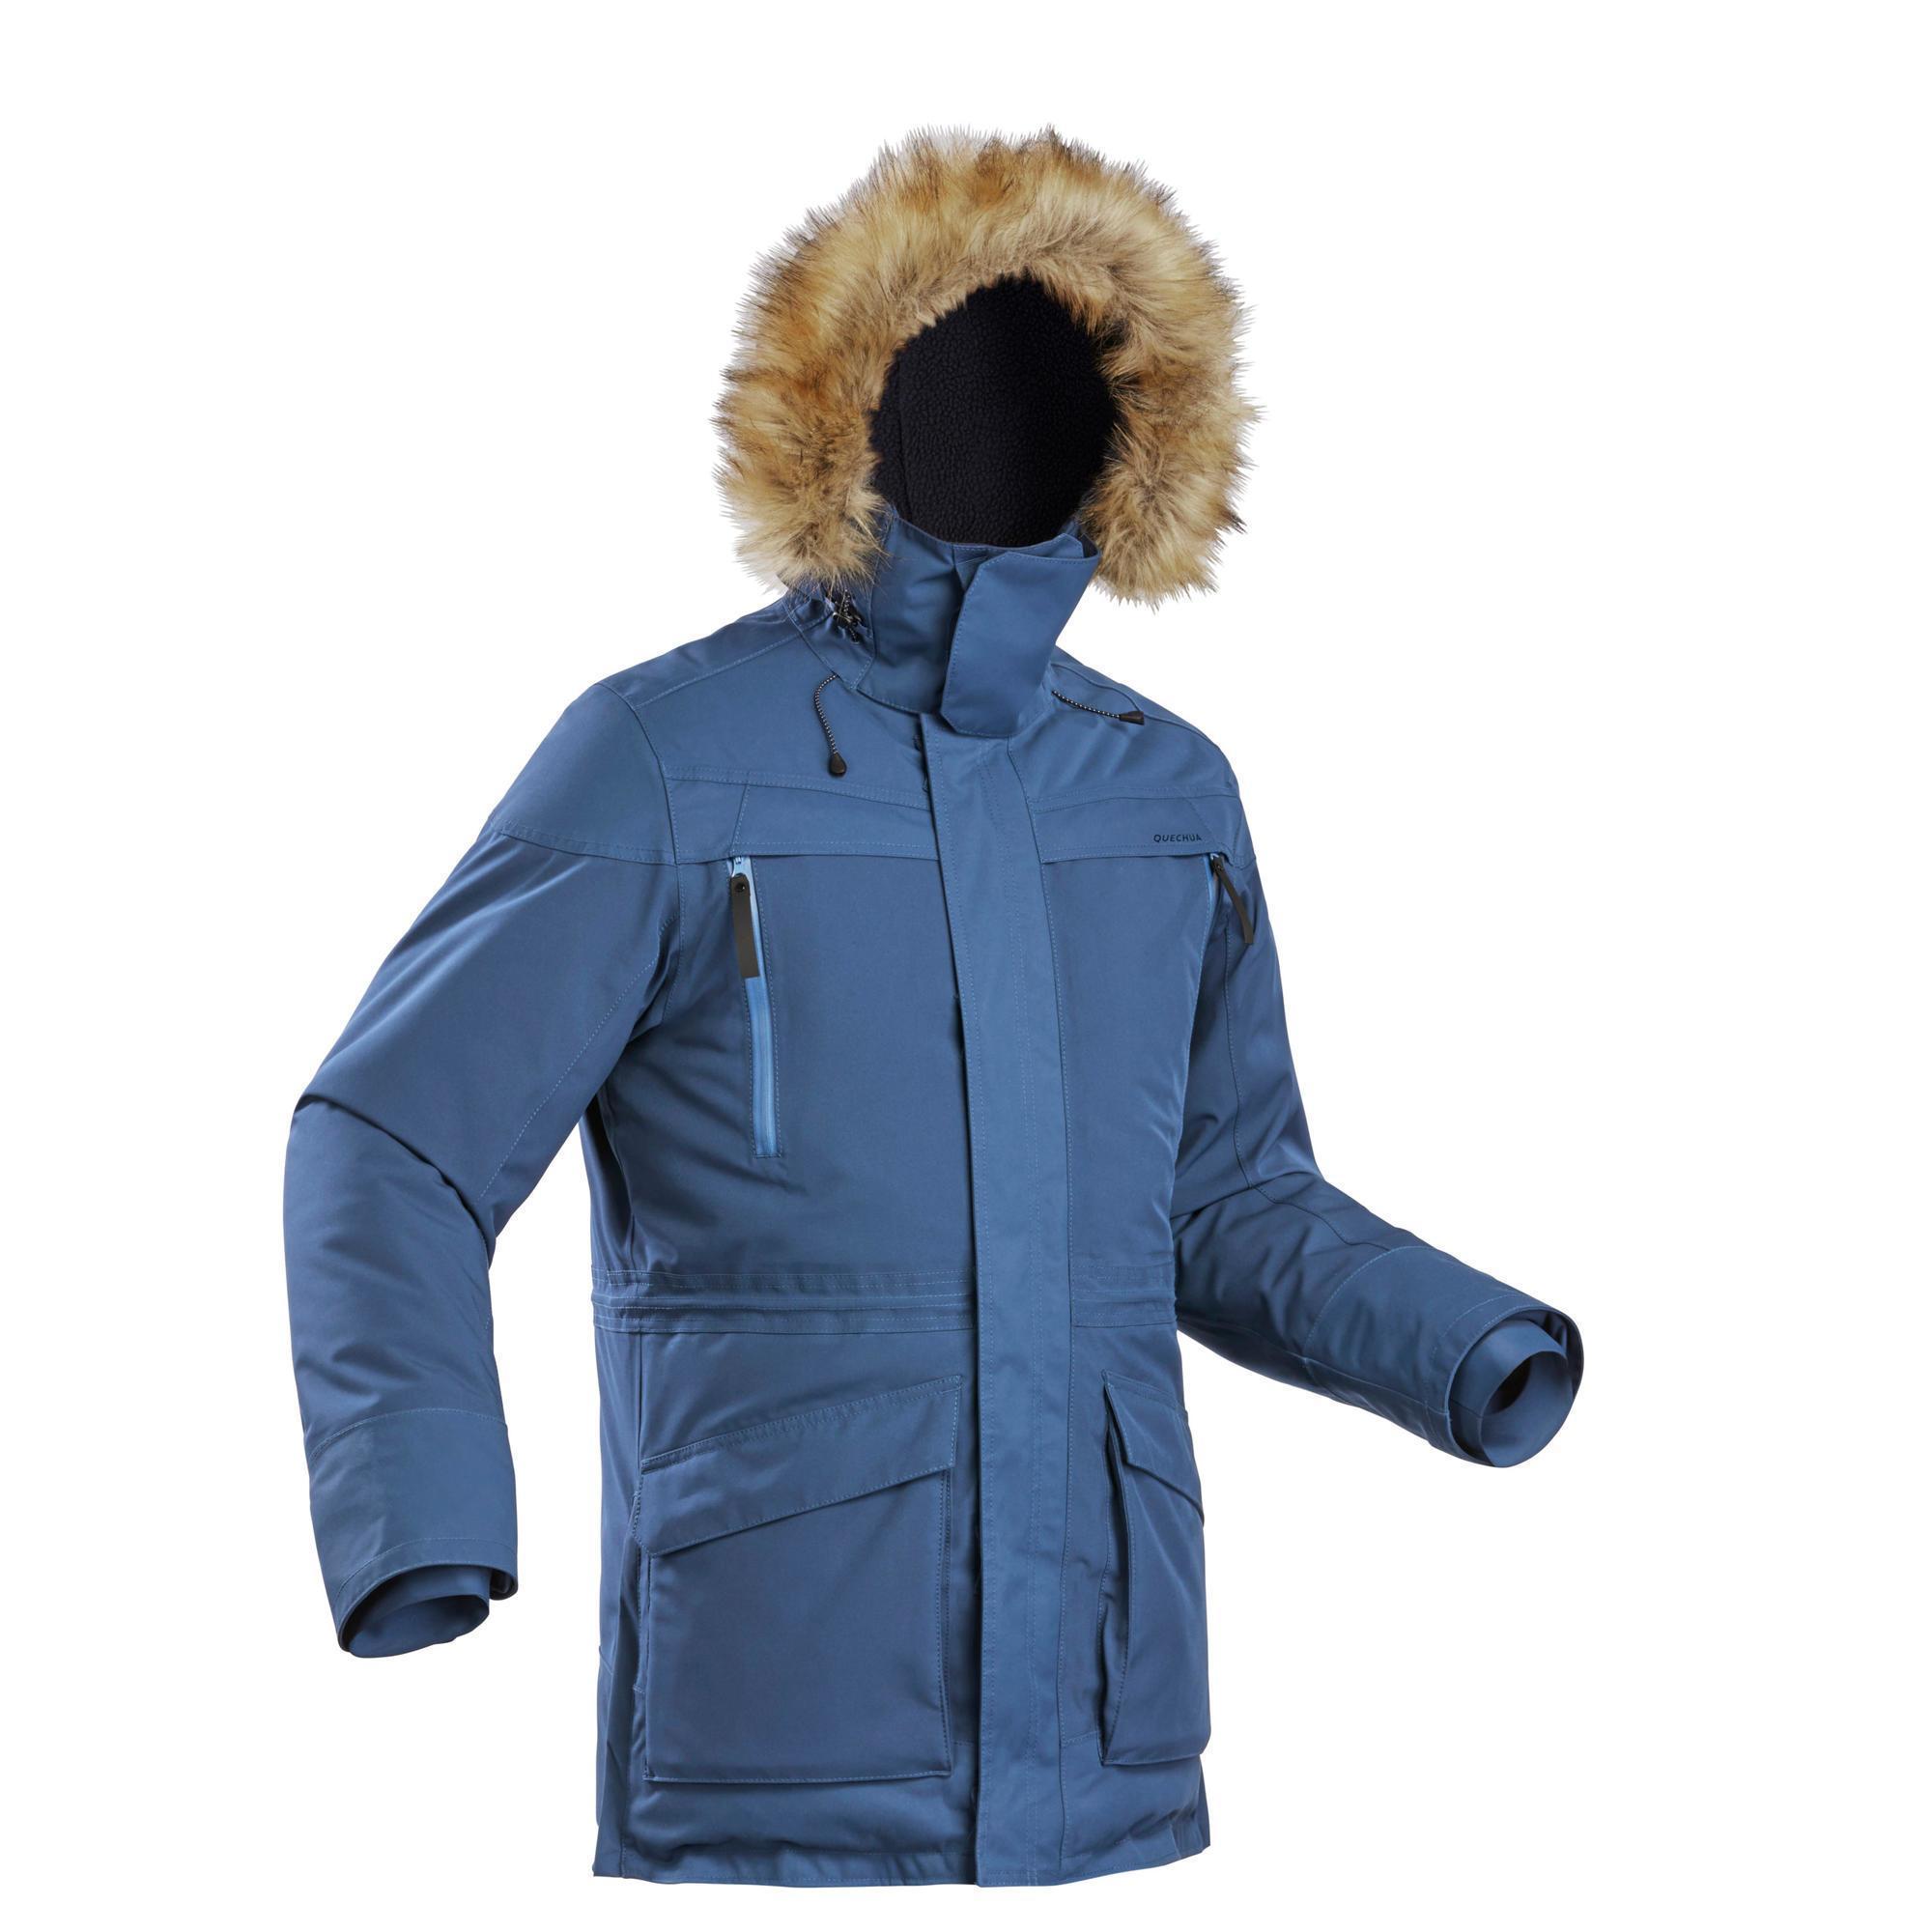 Winterjacke Parka Winterwandern SH500 U-Warm Wasserdicht Herren | Bekleidung > Jacken > Winterjacken | Quechua